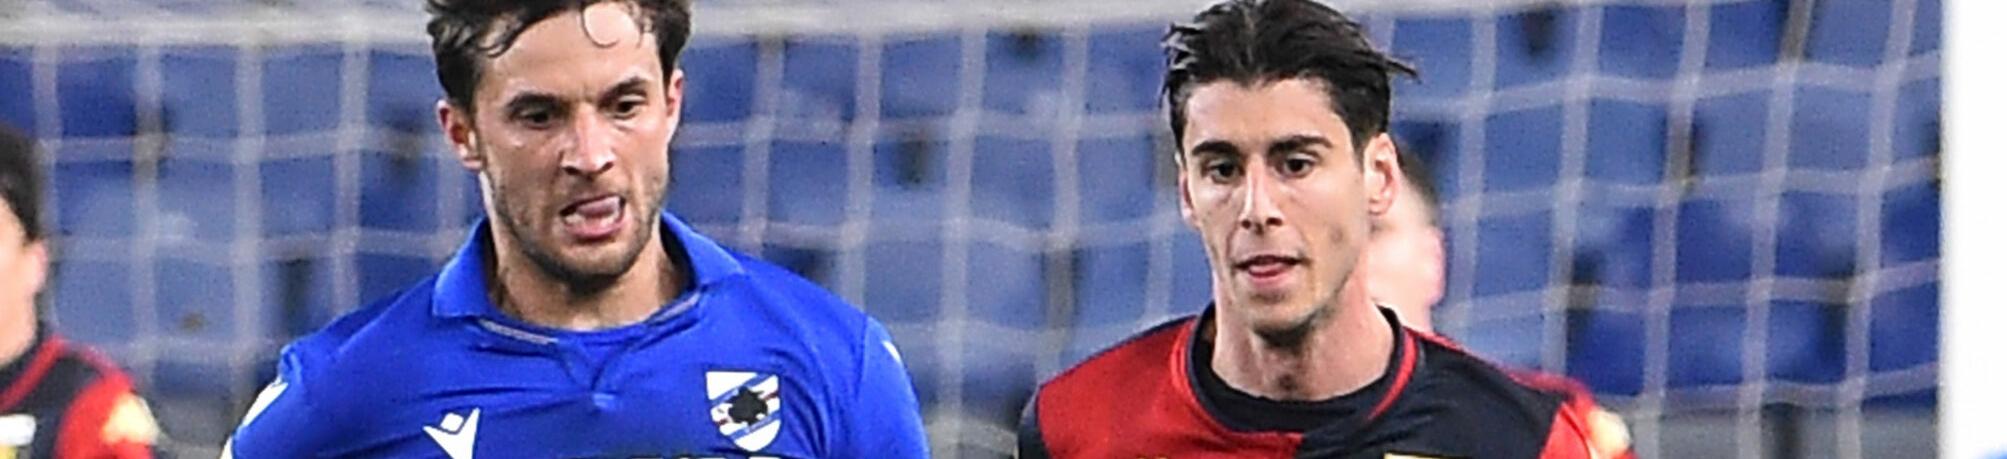 Genoa-Sampdoria, chi si prende il derby della Lanterna?